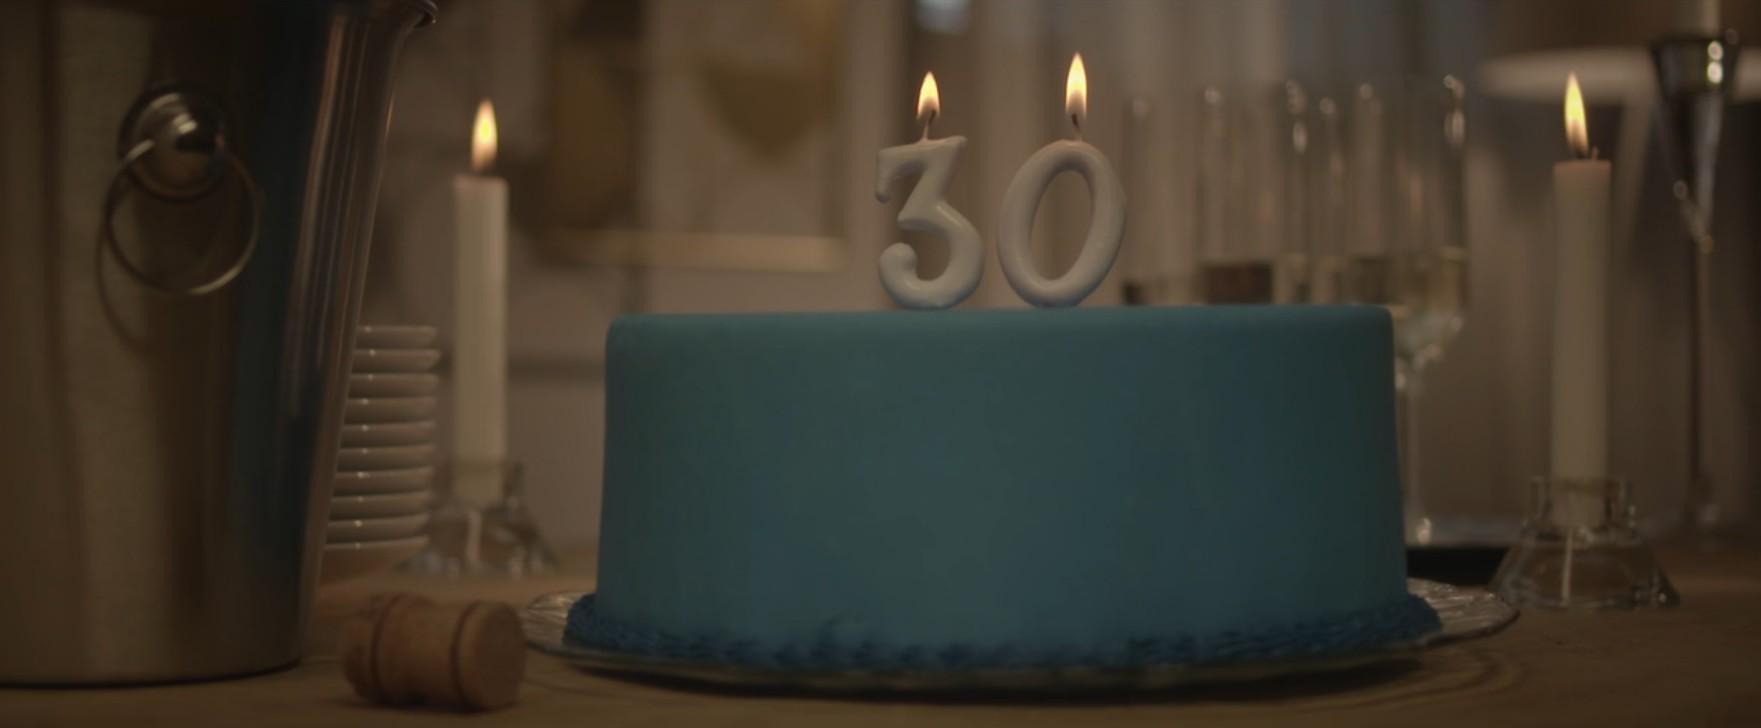 SAP e i 30 anni italiani